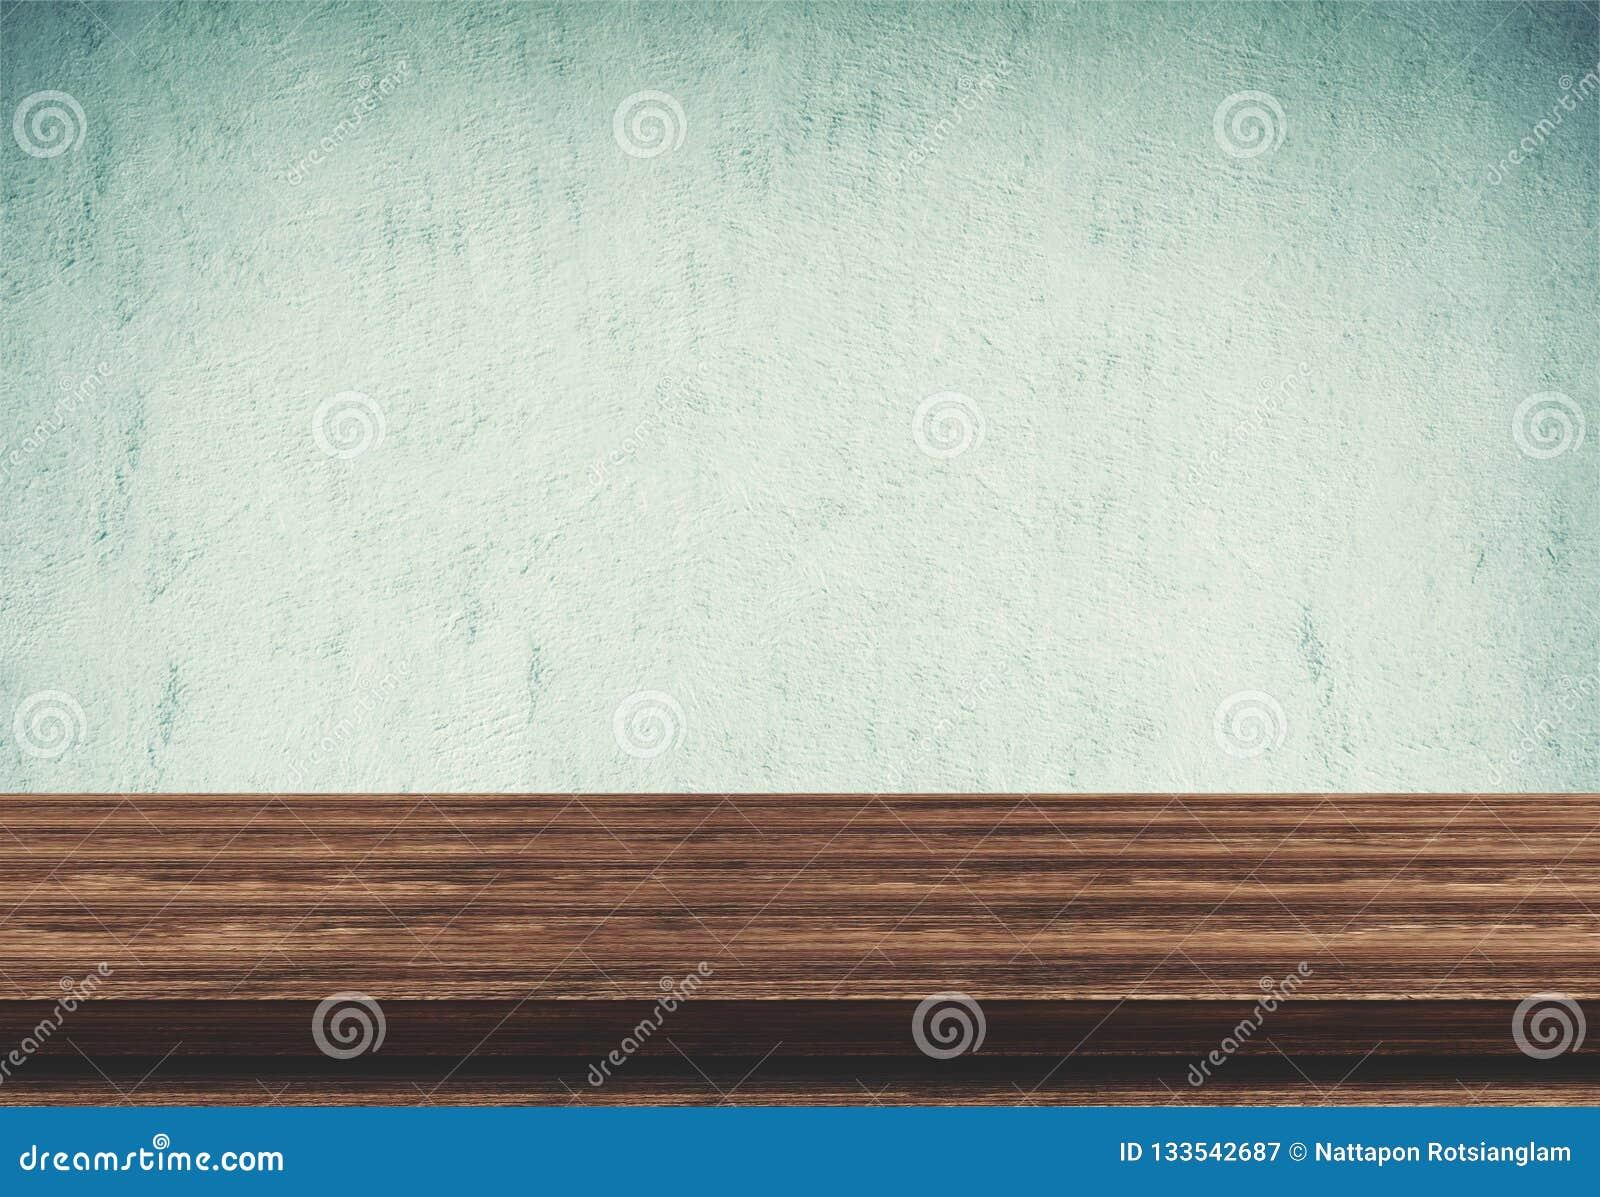 Κενή ξύλινη επιτραπέζια κορυφή στο μπλε συγκεκριμένο υπόβαθρο